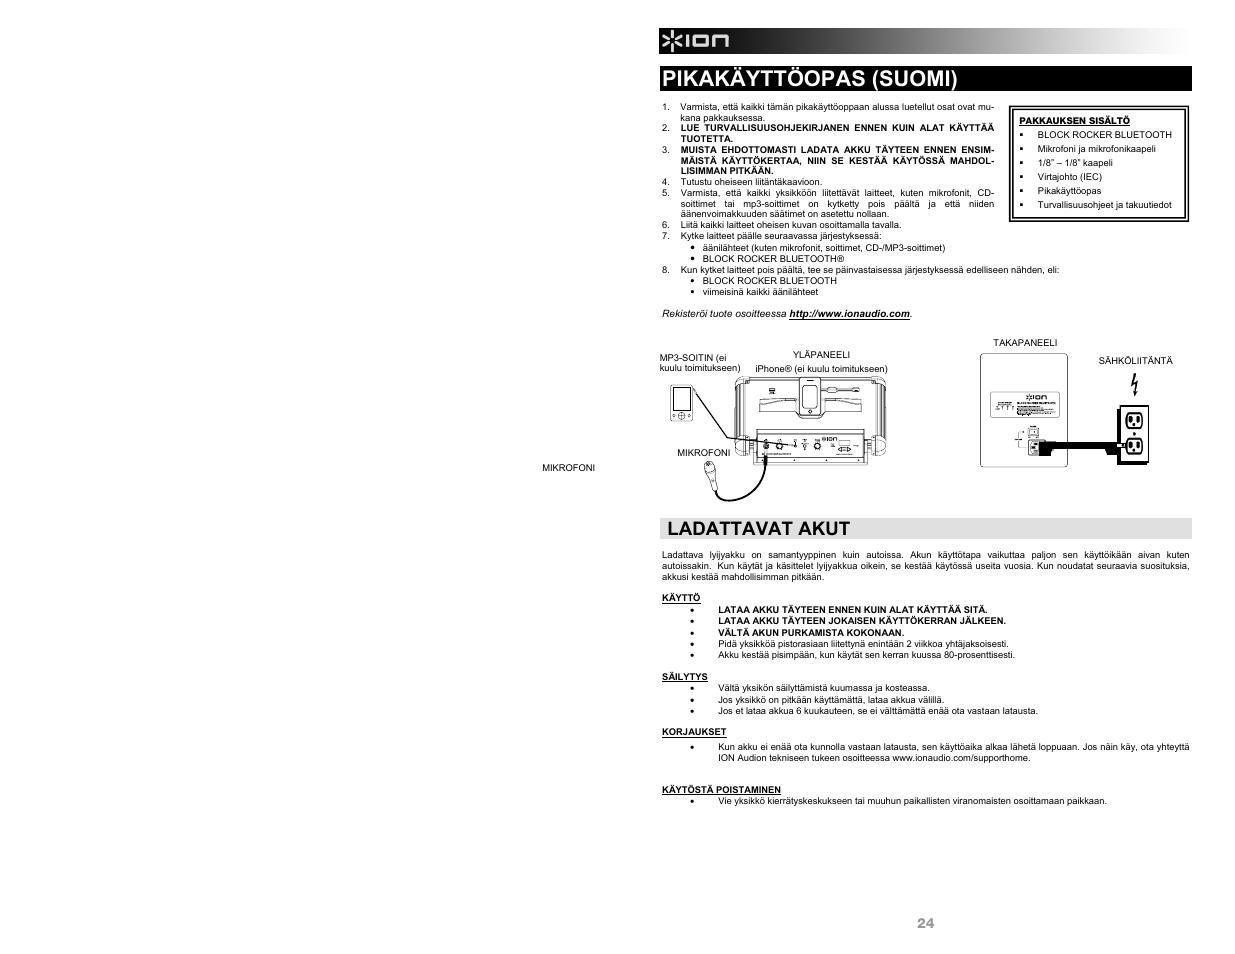 Pikakäyttöopas (suomi), Ladattavat akut | ION Audio Block Rocker Bluetooth  - iPA56B User